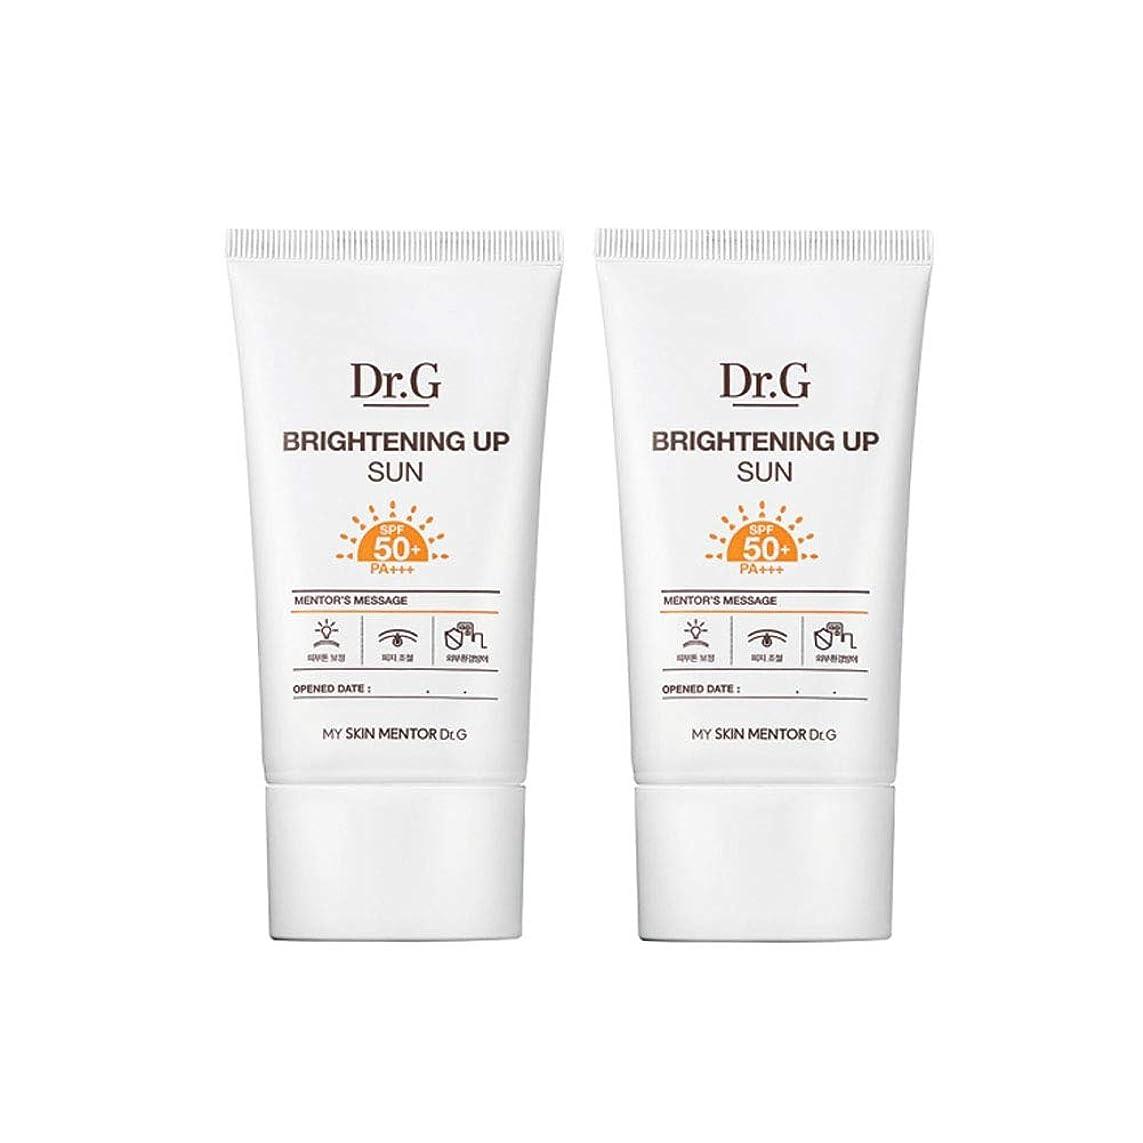 電球マンモス赤ちゃんドクターGブライトニングアップサンSPF50+ PA+++50ml x2本セットサンクリーム、Dr.G Brightening Up Sun SPF50+ PA+++ 50ml x 2ea Set Sun Cream [並行輸入品]